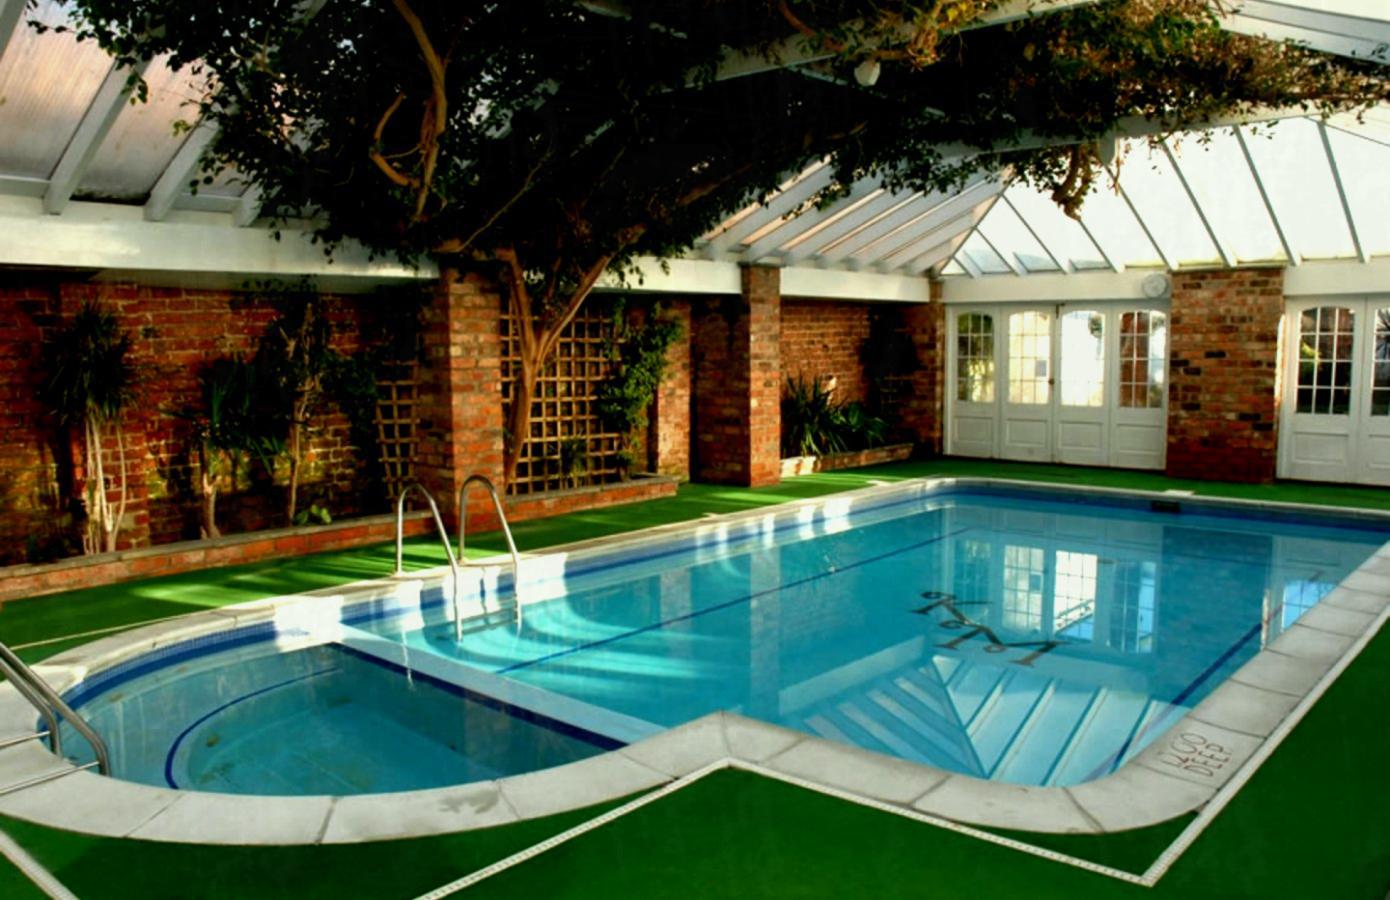 Bể bơi gia đình mang lại nhiều sự tiện lợi